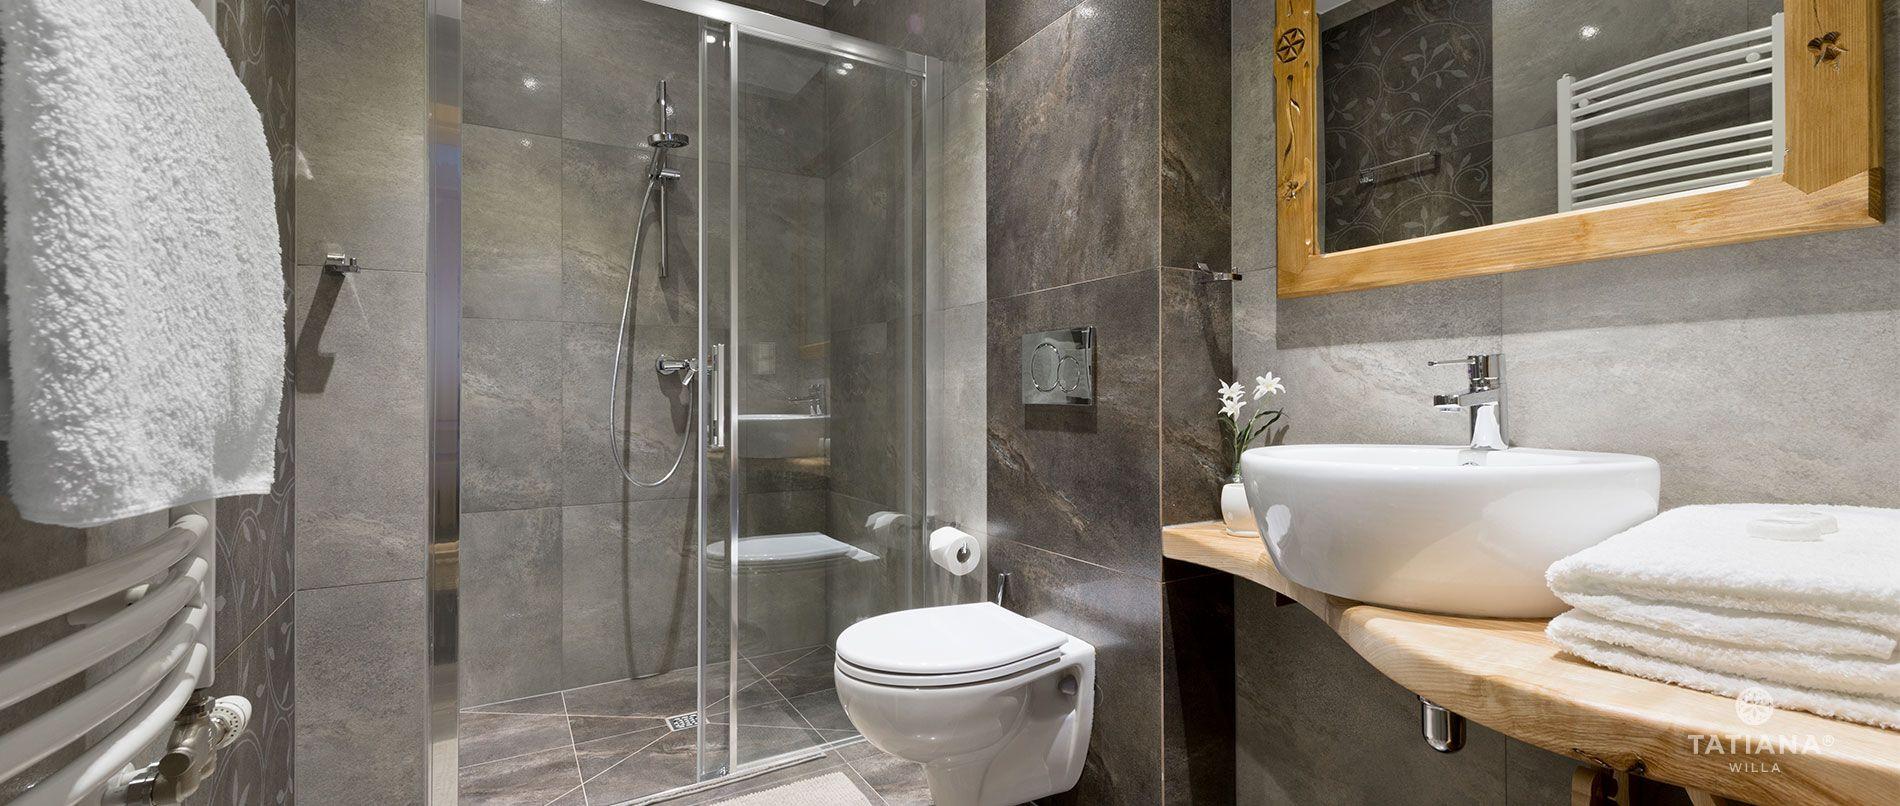 Apartament Lux 12- łazienka